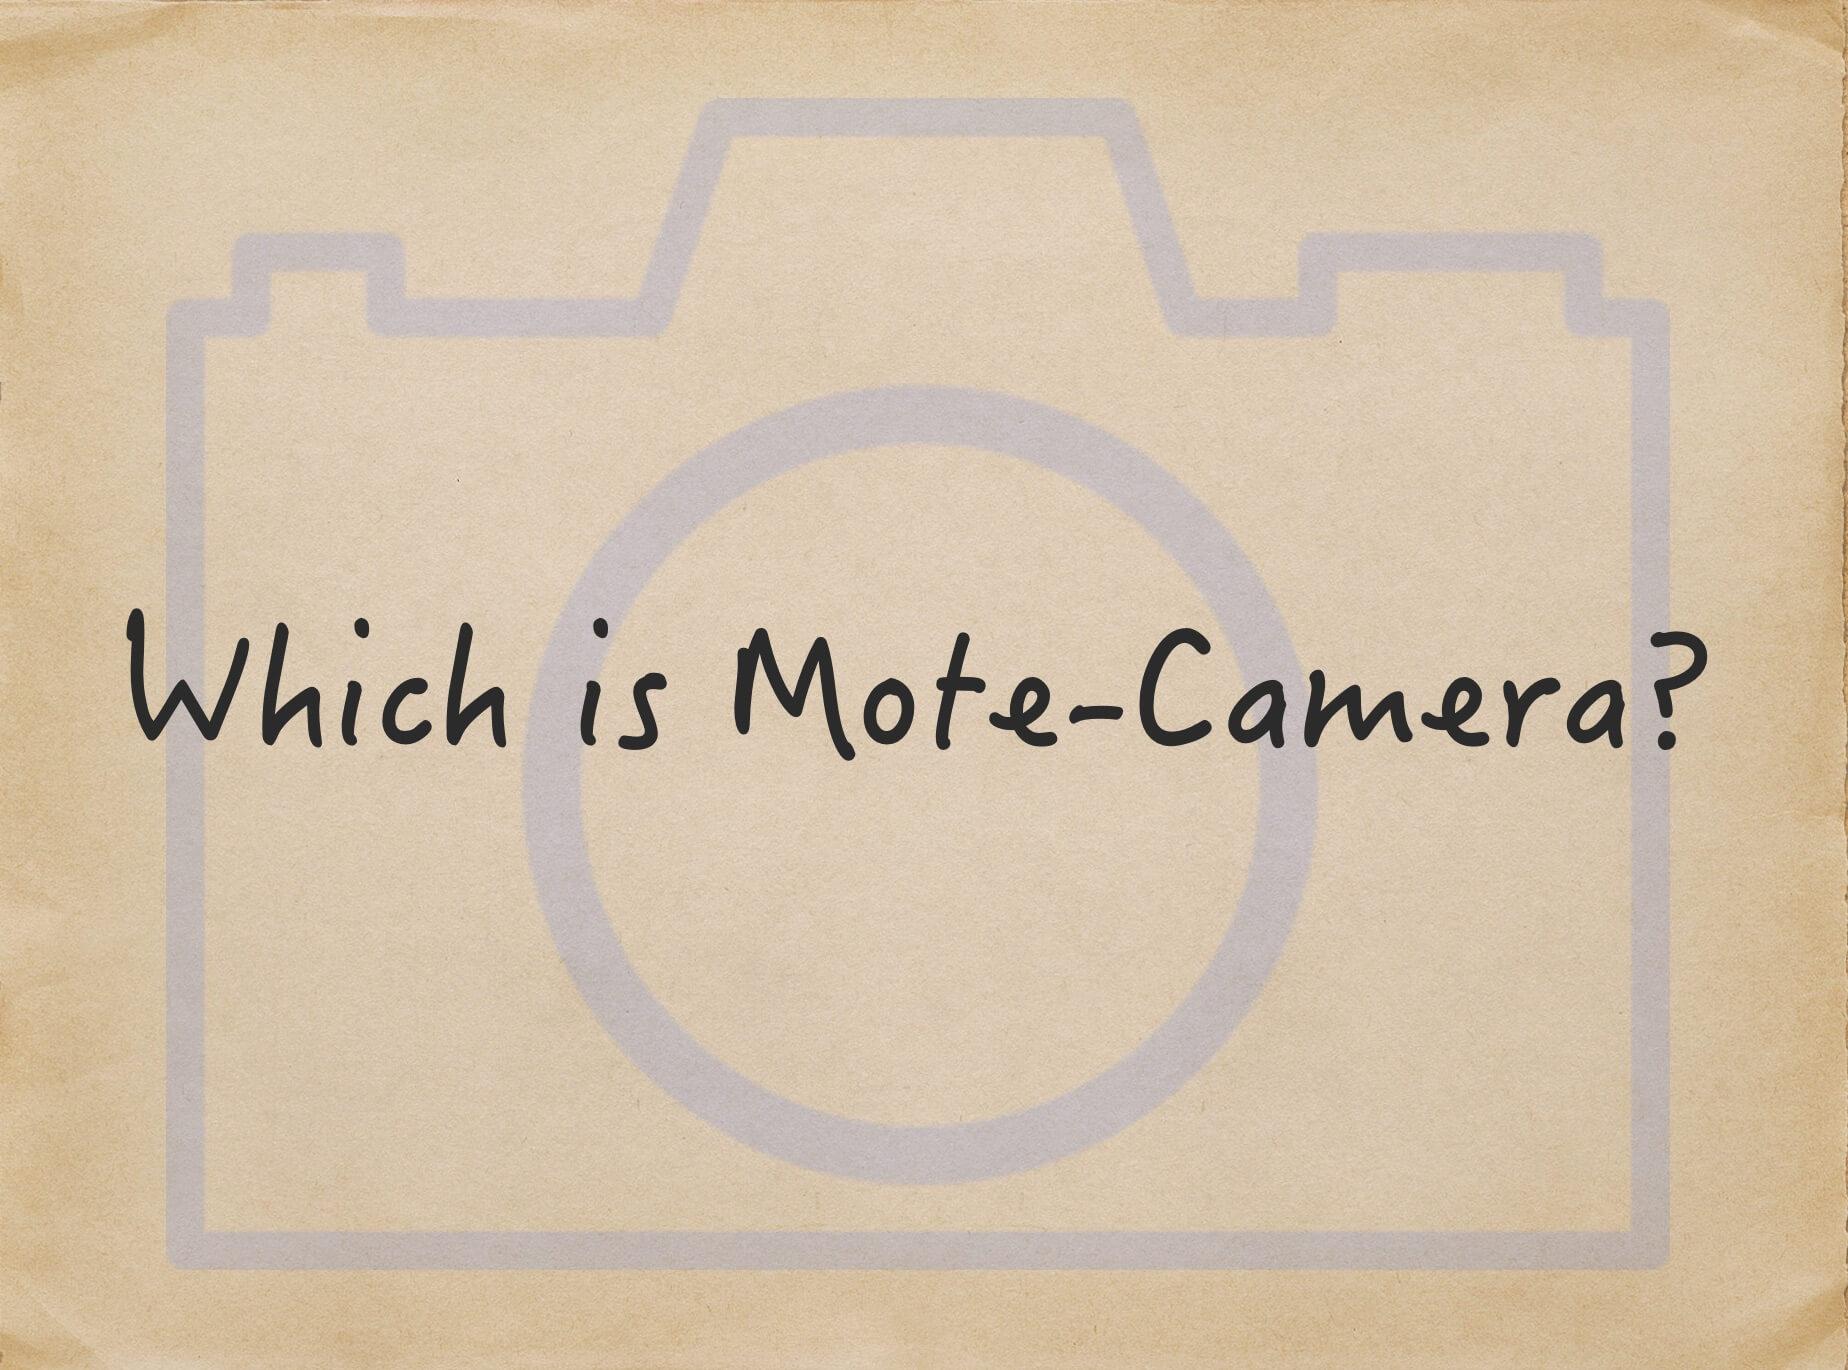 モテるキヤノンの一眼レフカメラはどれか?